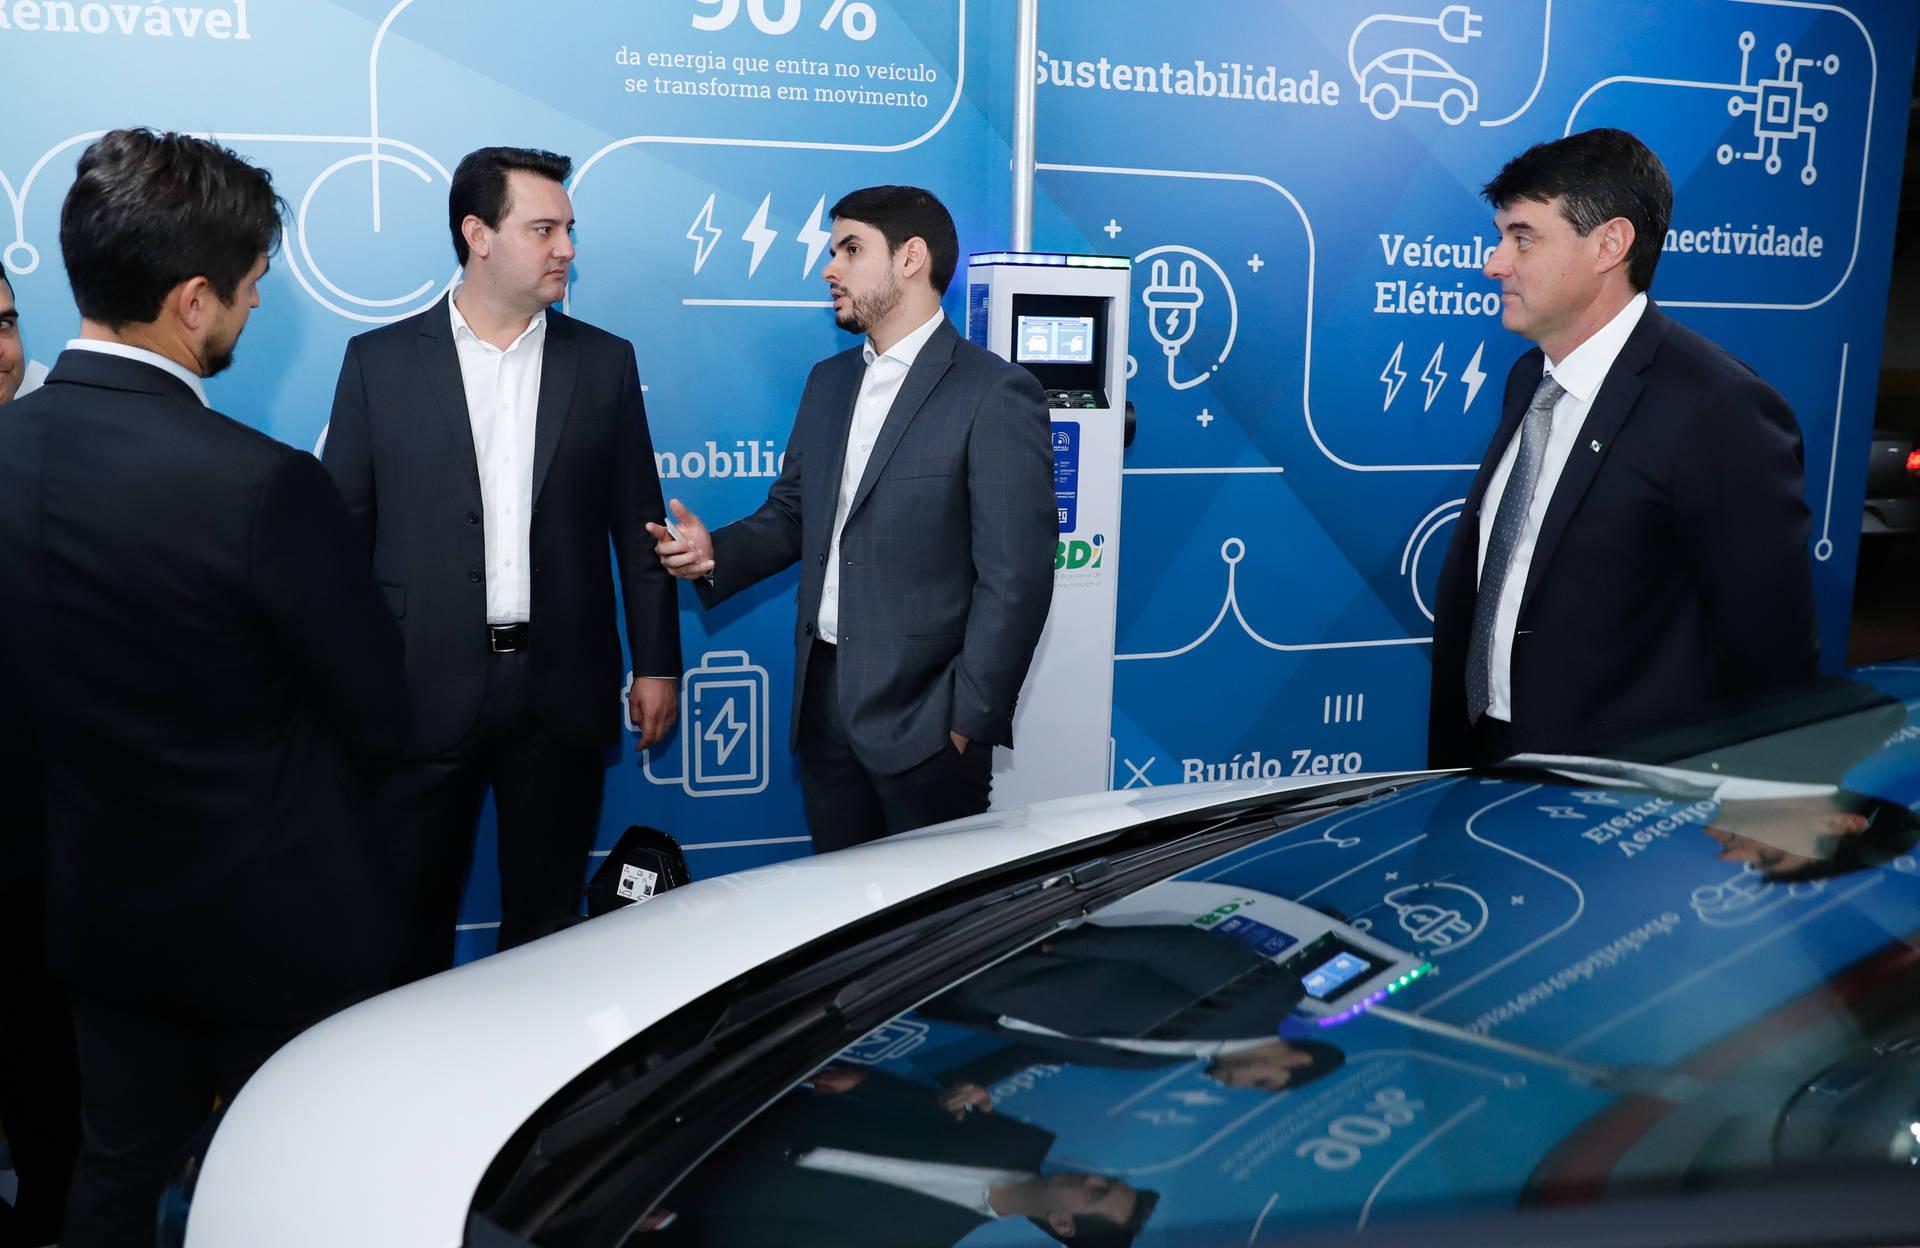 Acordo assinado pelo governador e o presidente da ABDI é para implantar no Paraná um sistema de compartilhamento de veículos elétricos para uso de servidores públicos